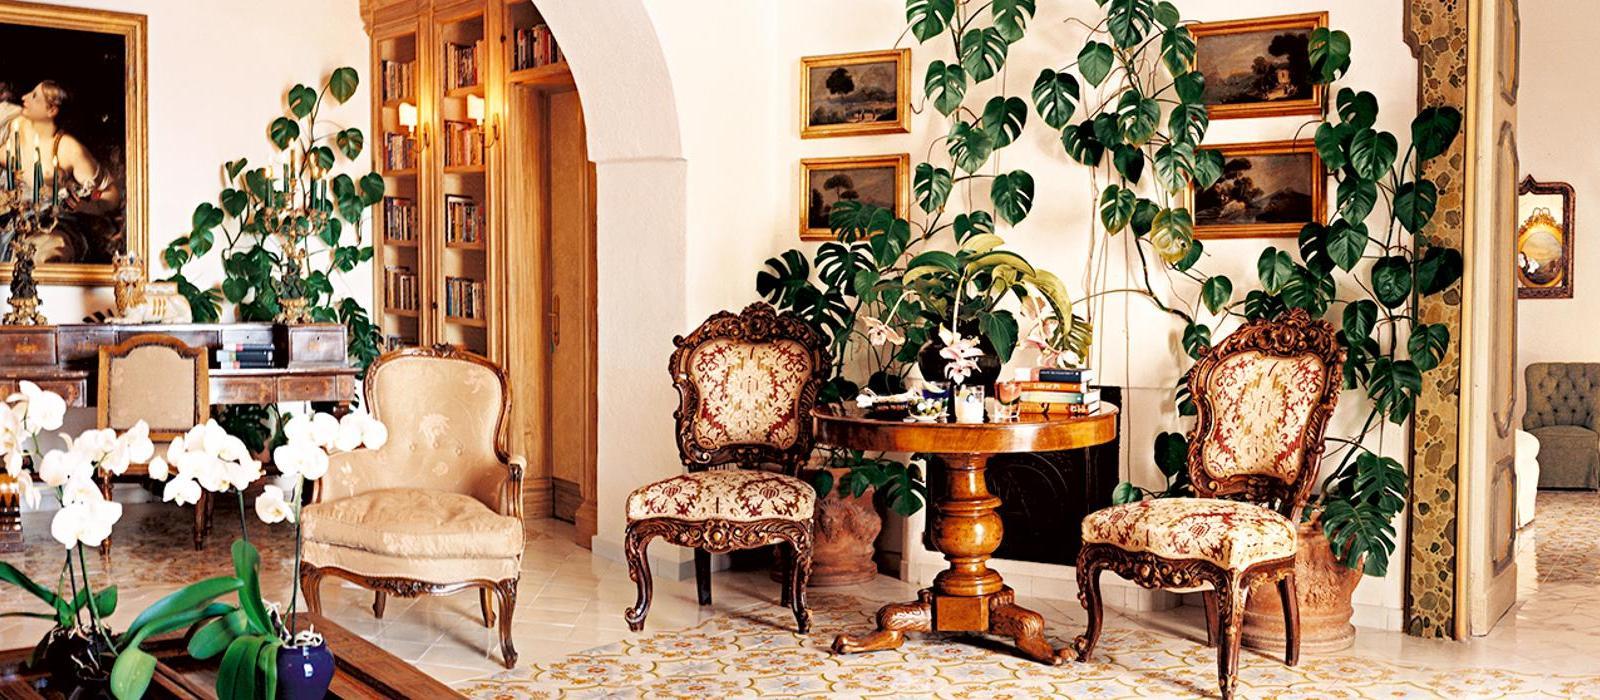 乐西诺海景酒店(Le Sirenuse) 图片  www.lhw.cn